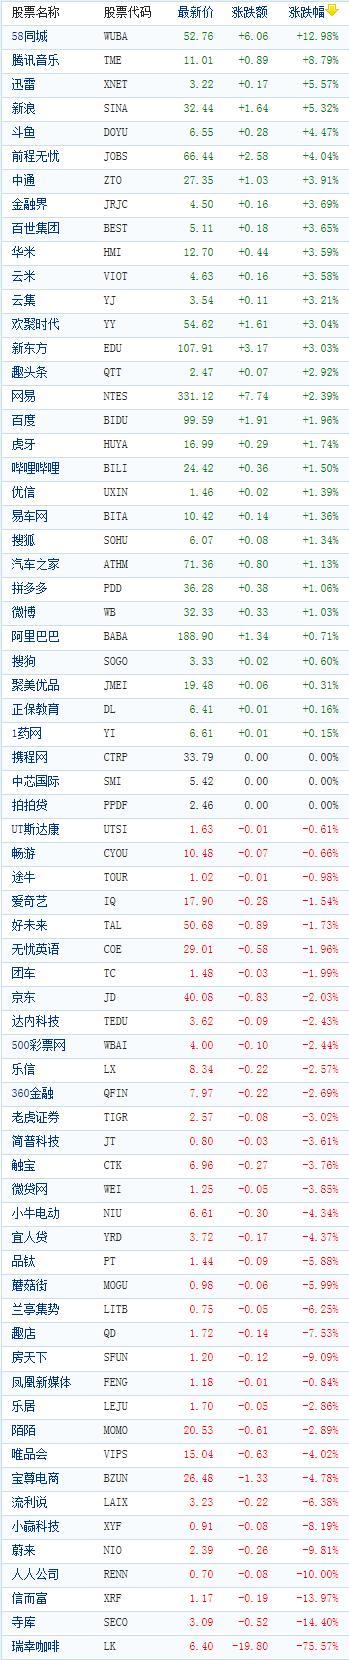 中国概念股周四收盘涨跌互现 58同城大涨近13%